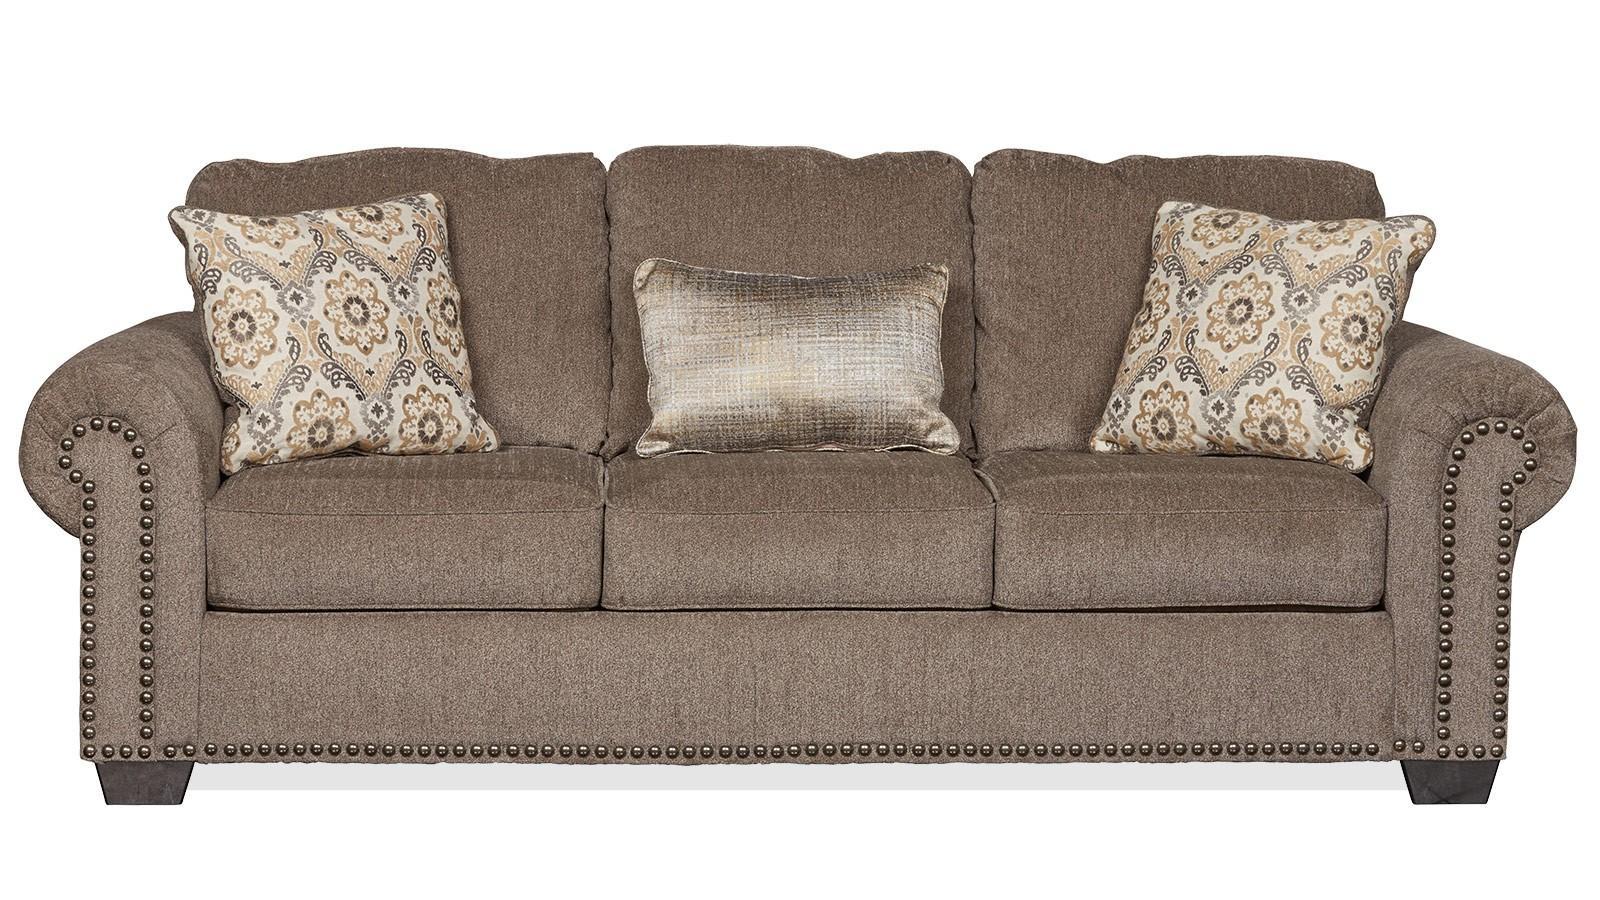 Sofas Center : Marvelous Clayton Marcus Sofa Images Concept Within Clayton Marcus Sofas (Image 18 of 20)